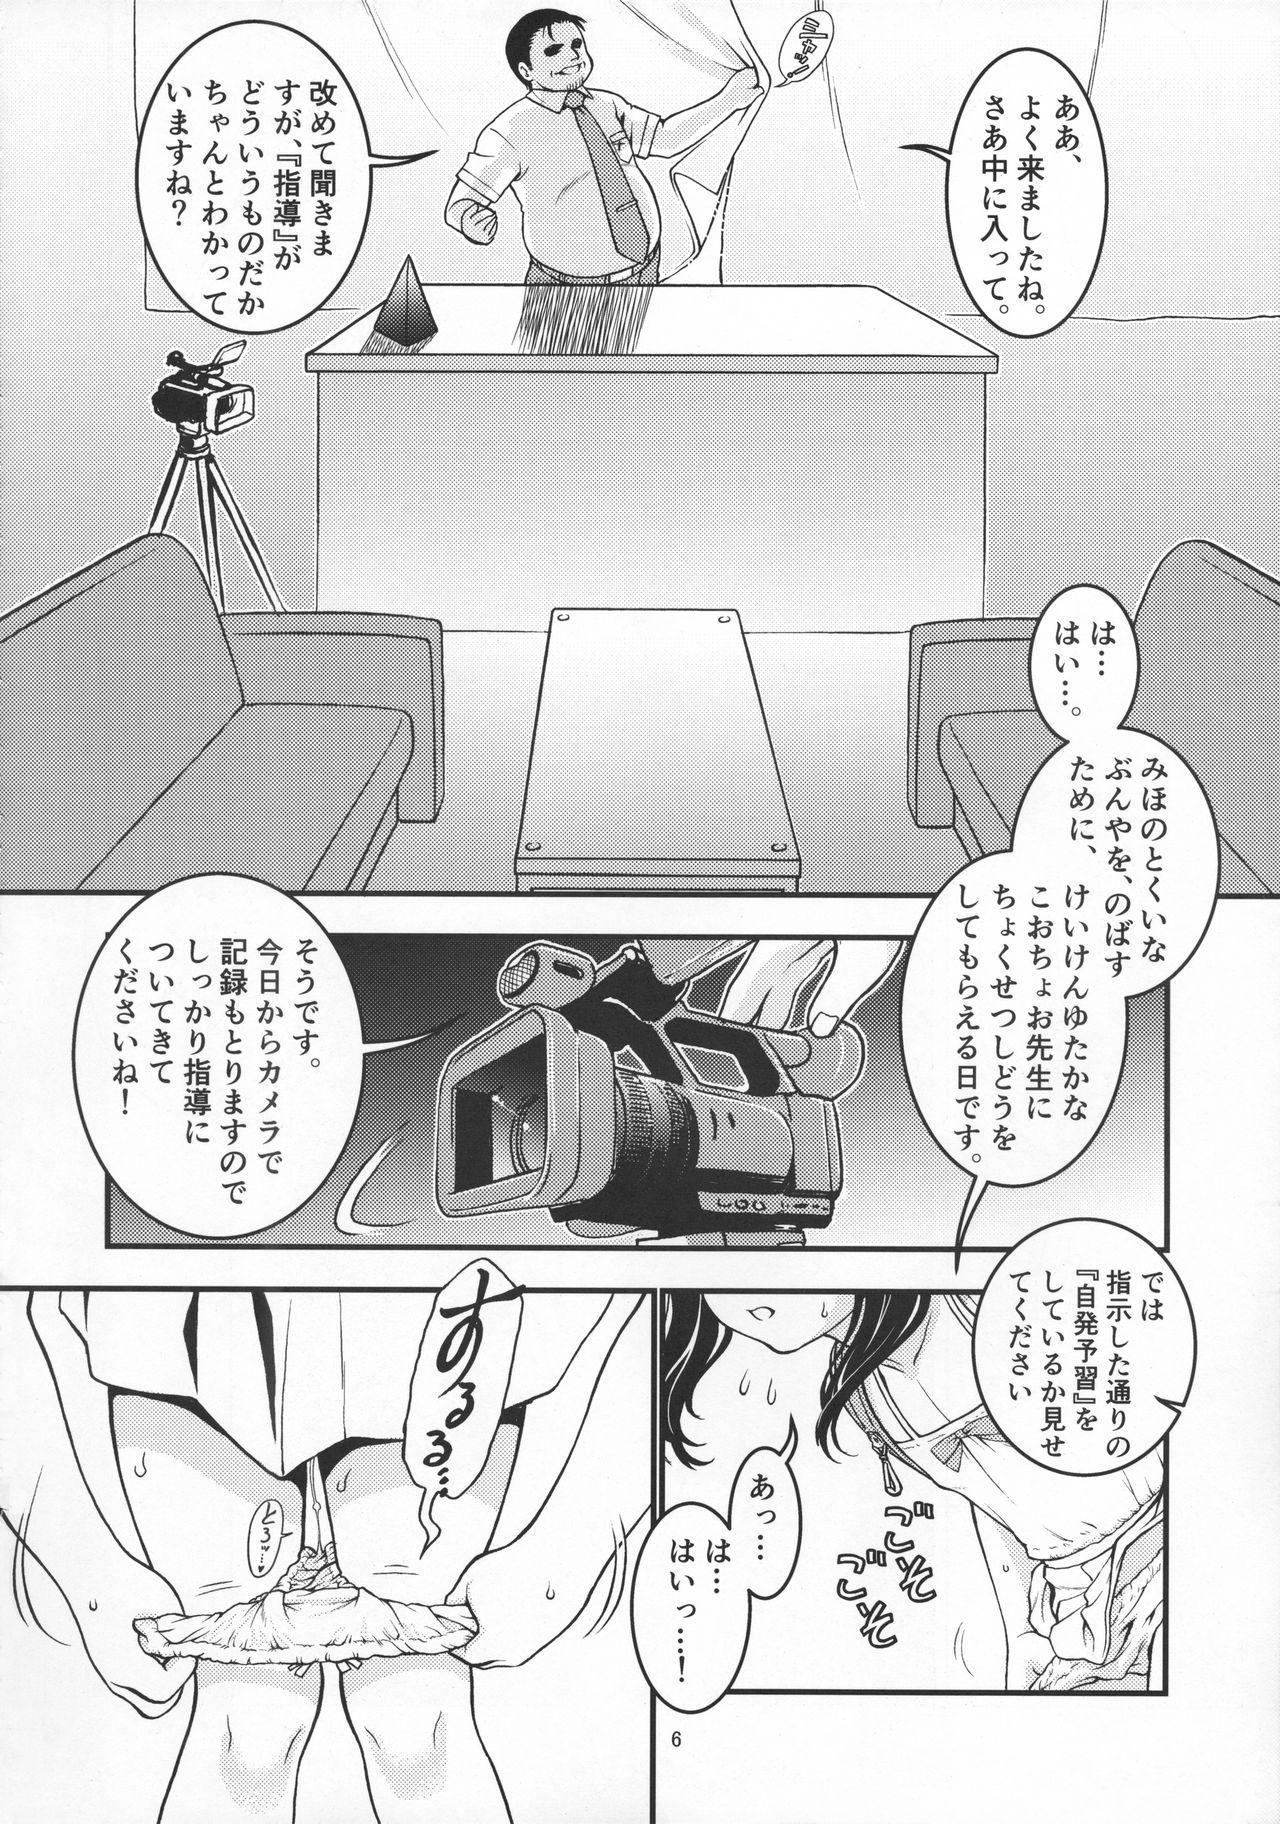 Heisei 29-nendo Tokushu Ginou Yuushuu Seito Shidou Youkou 7